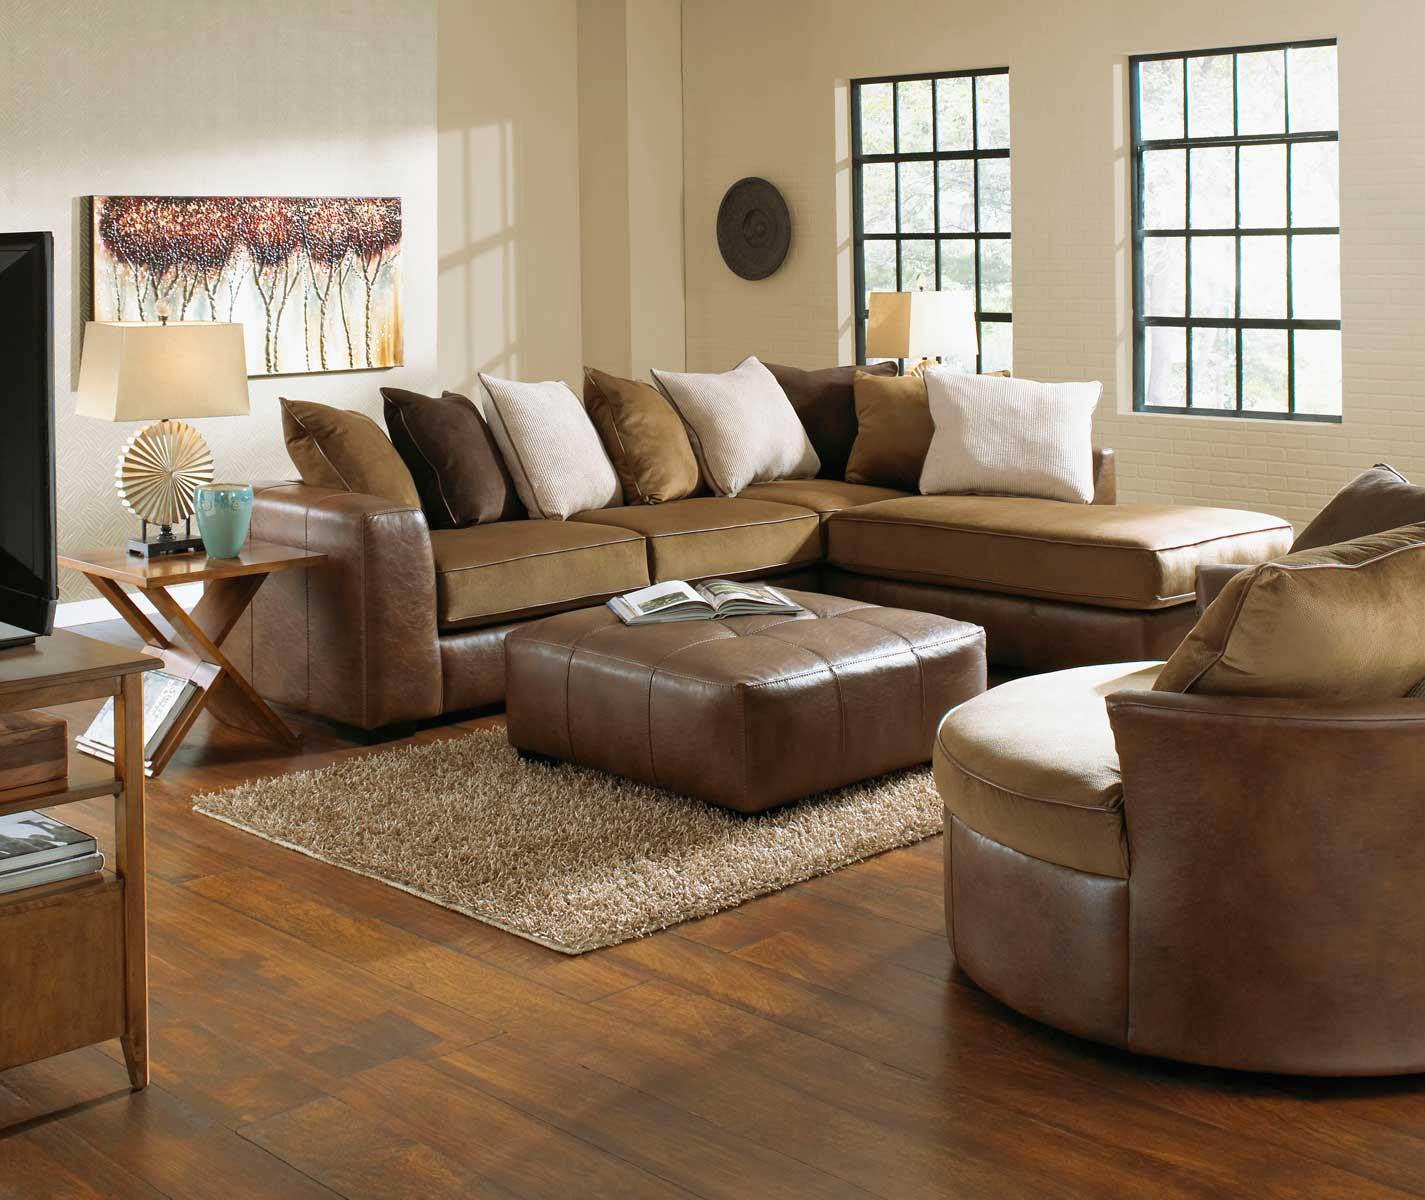 Jackson Strickland Sectional Sofa Set Chestnut Jf 4456 62 76 Sect Set Chestnut At